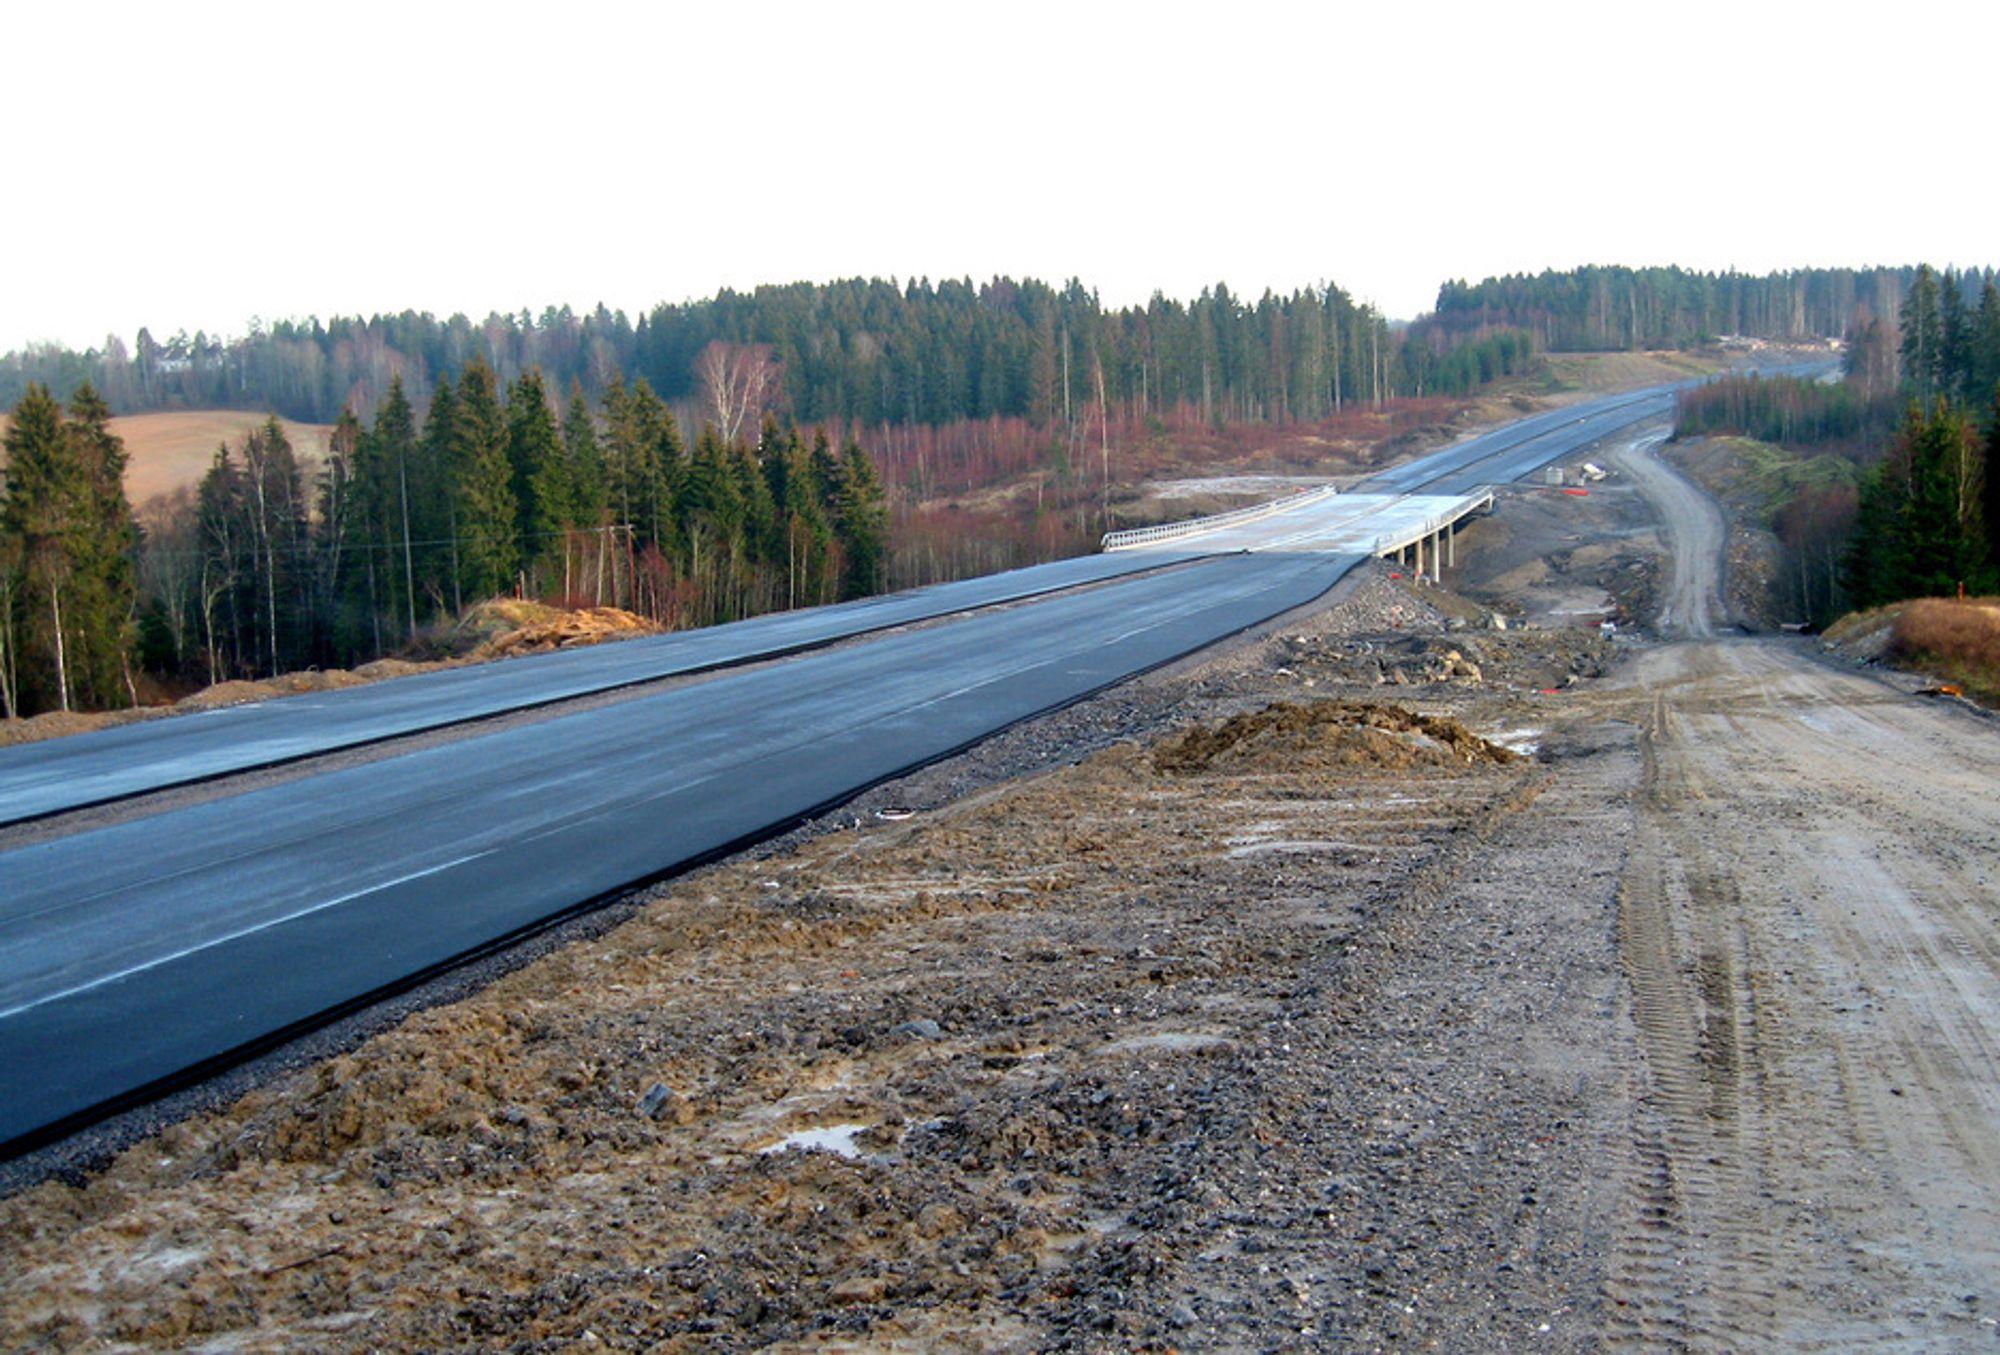 Fusk bru ved kommunegrensen mellom Eidsberg og Askim ligger foreløpig ensom og forlatt. Hvis det går slik byggherren håper, går det trafikk på den før august er omme.